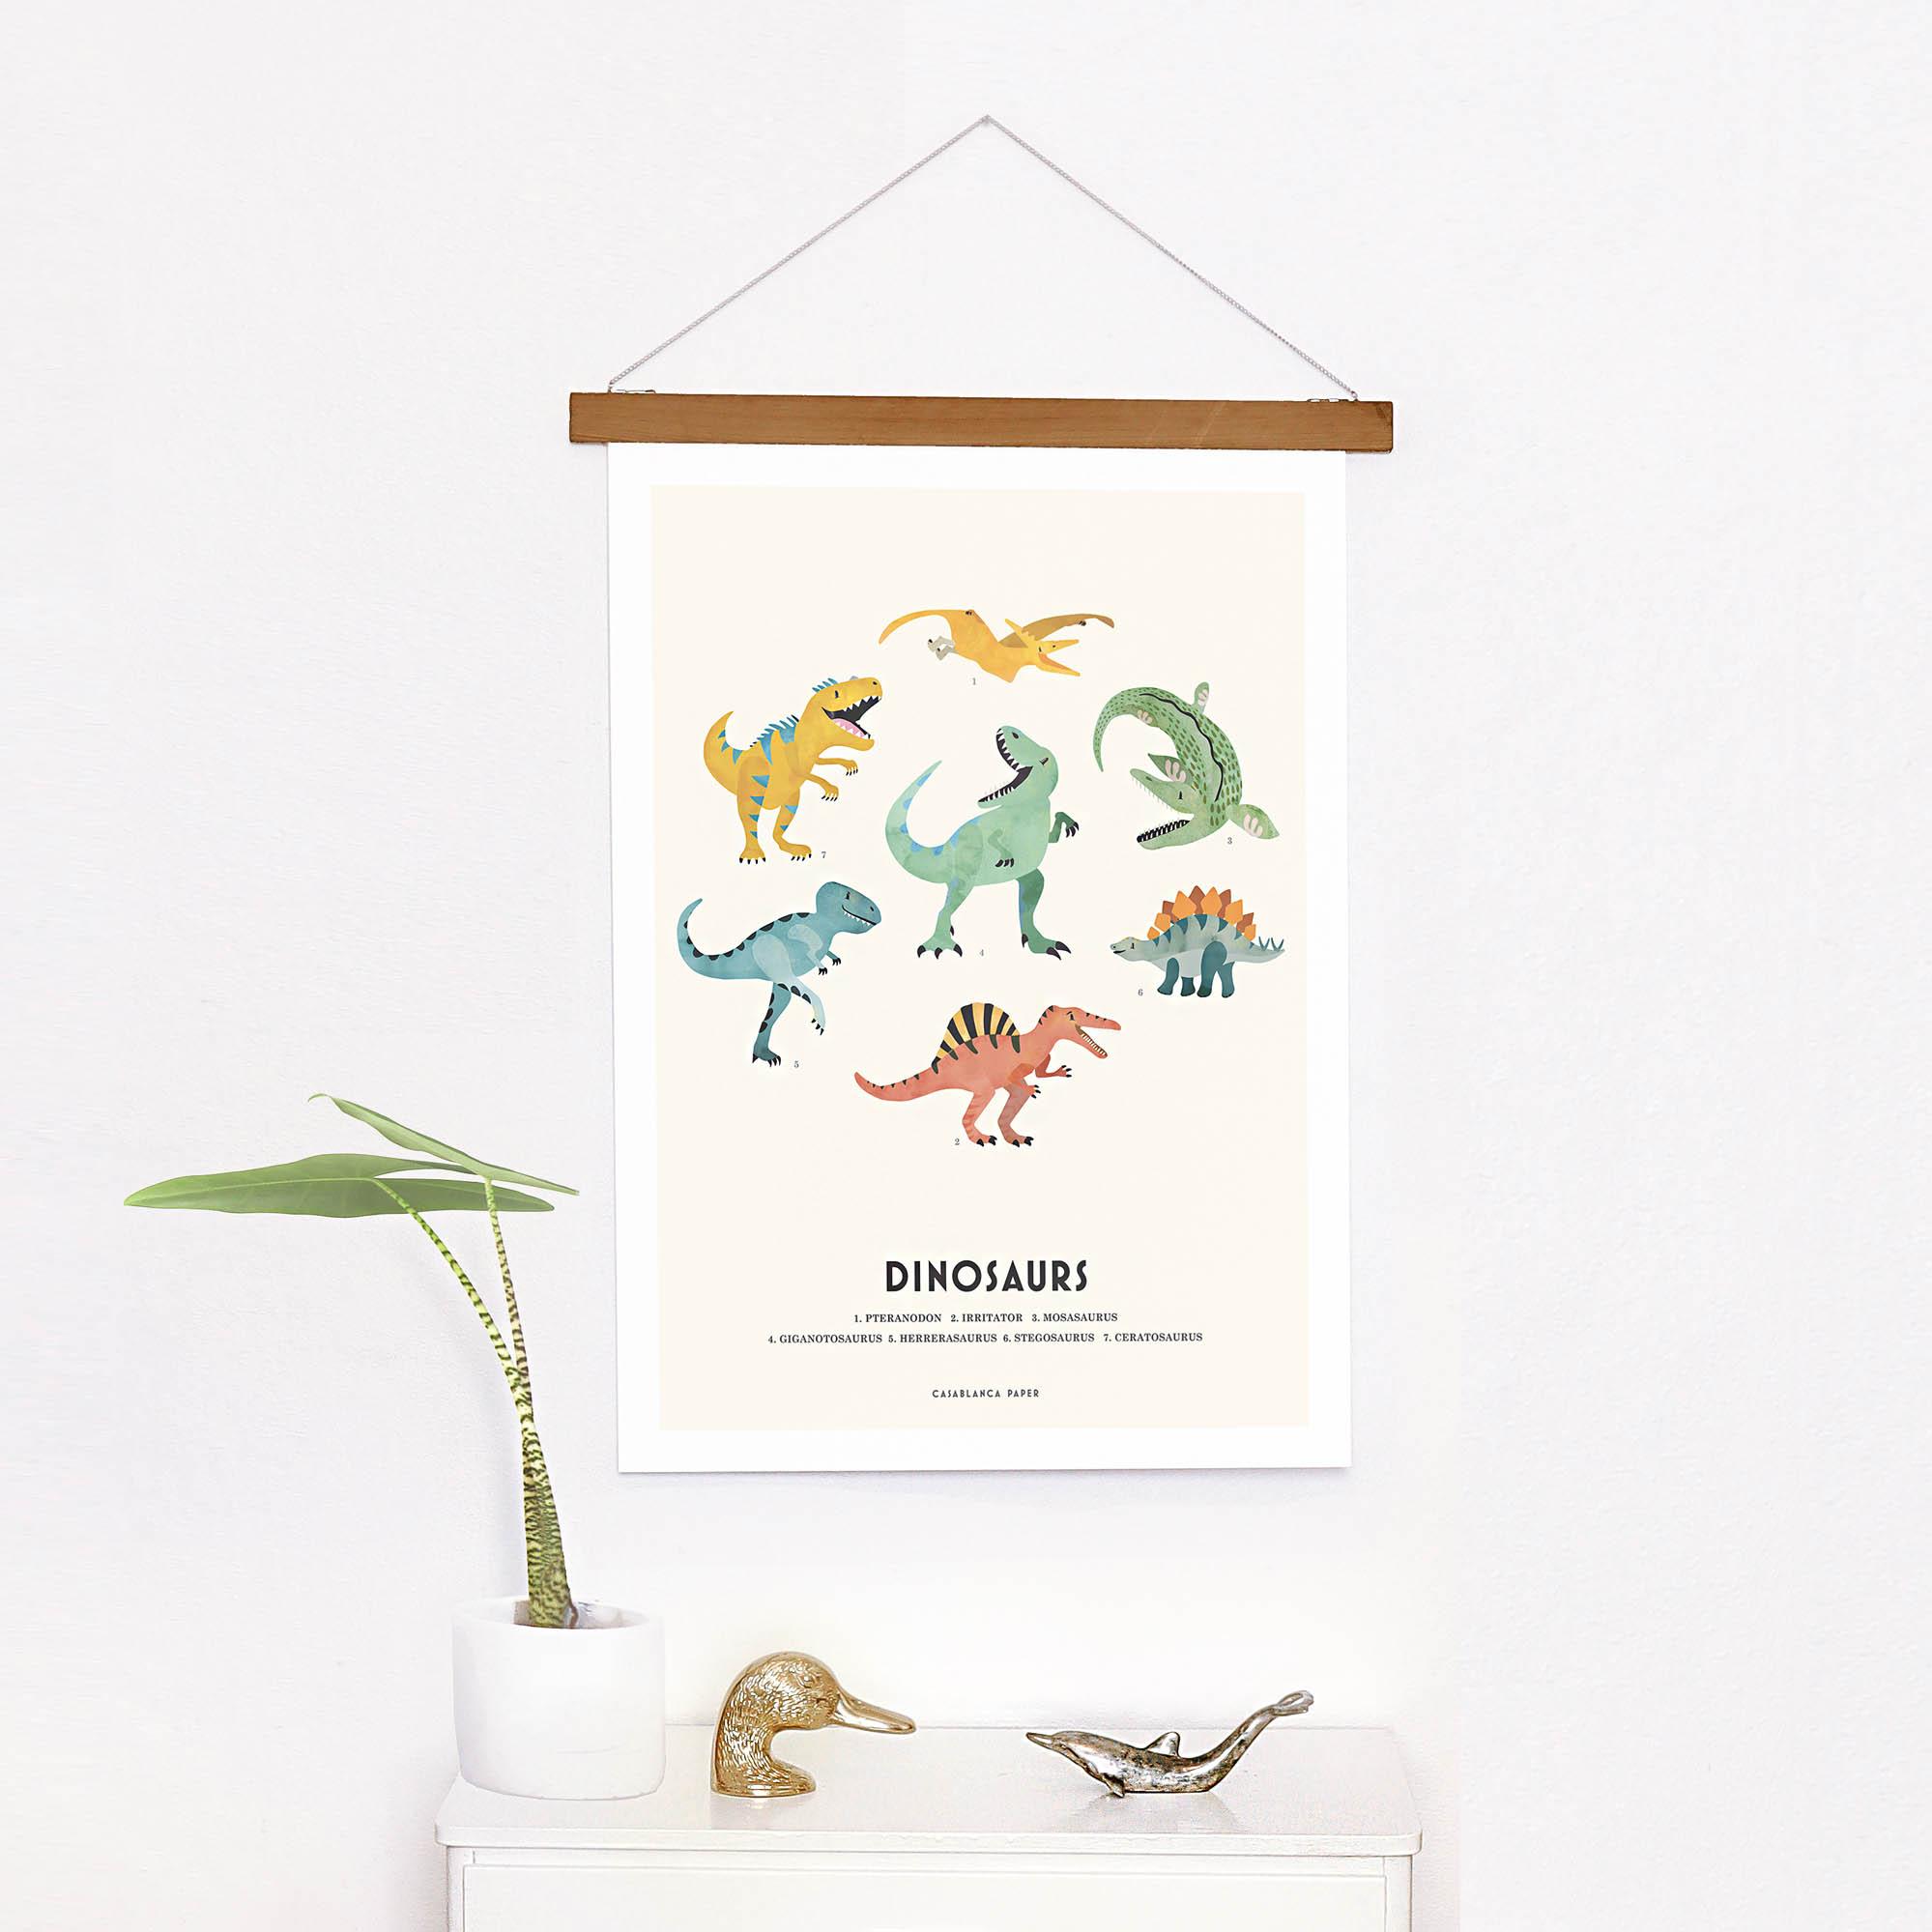 Dinosaurs.demoweb.casablnca.2